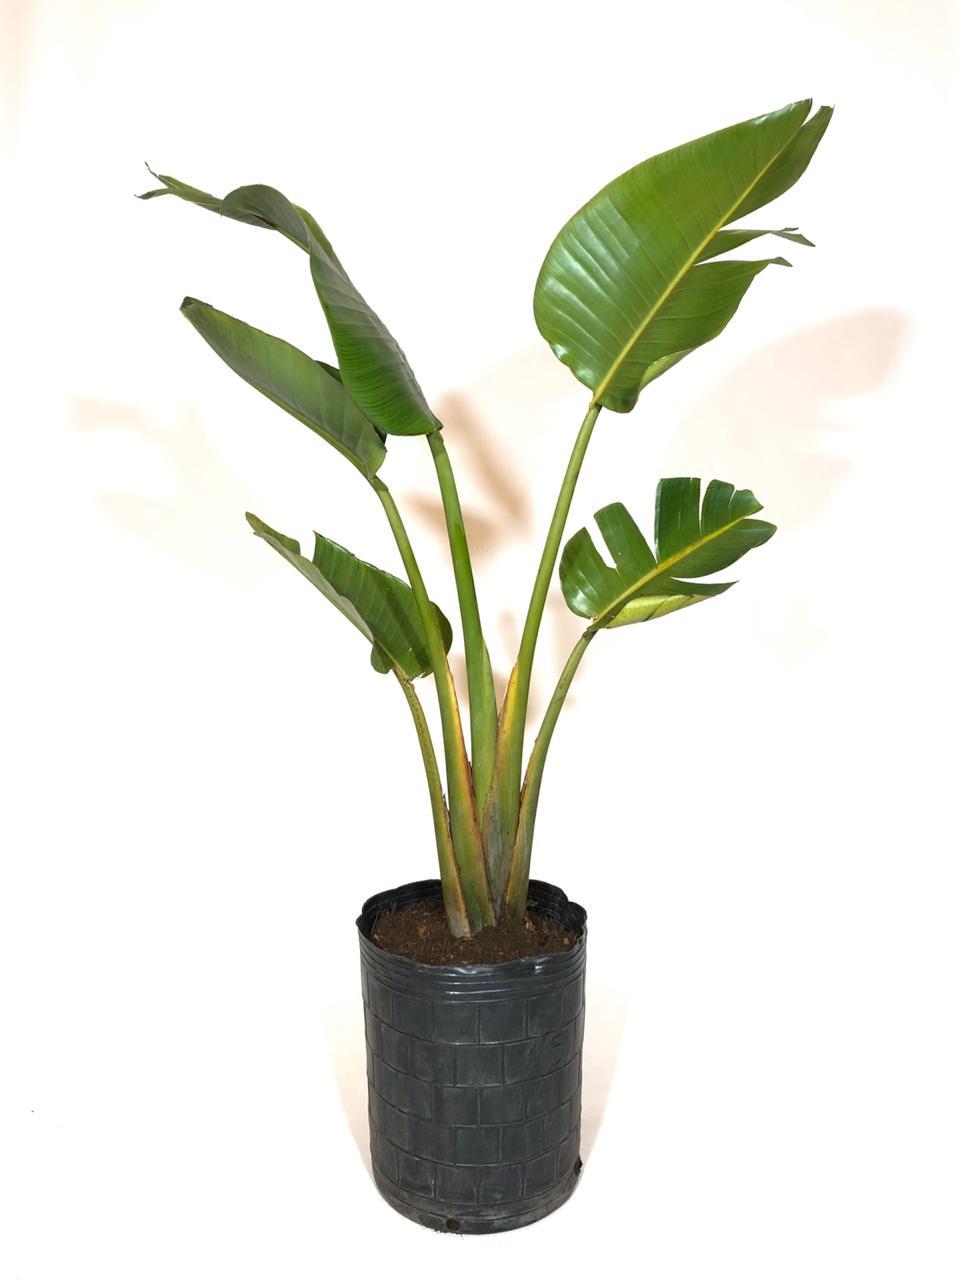 Sterlitzia Nicolai en envase de 15 litros